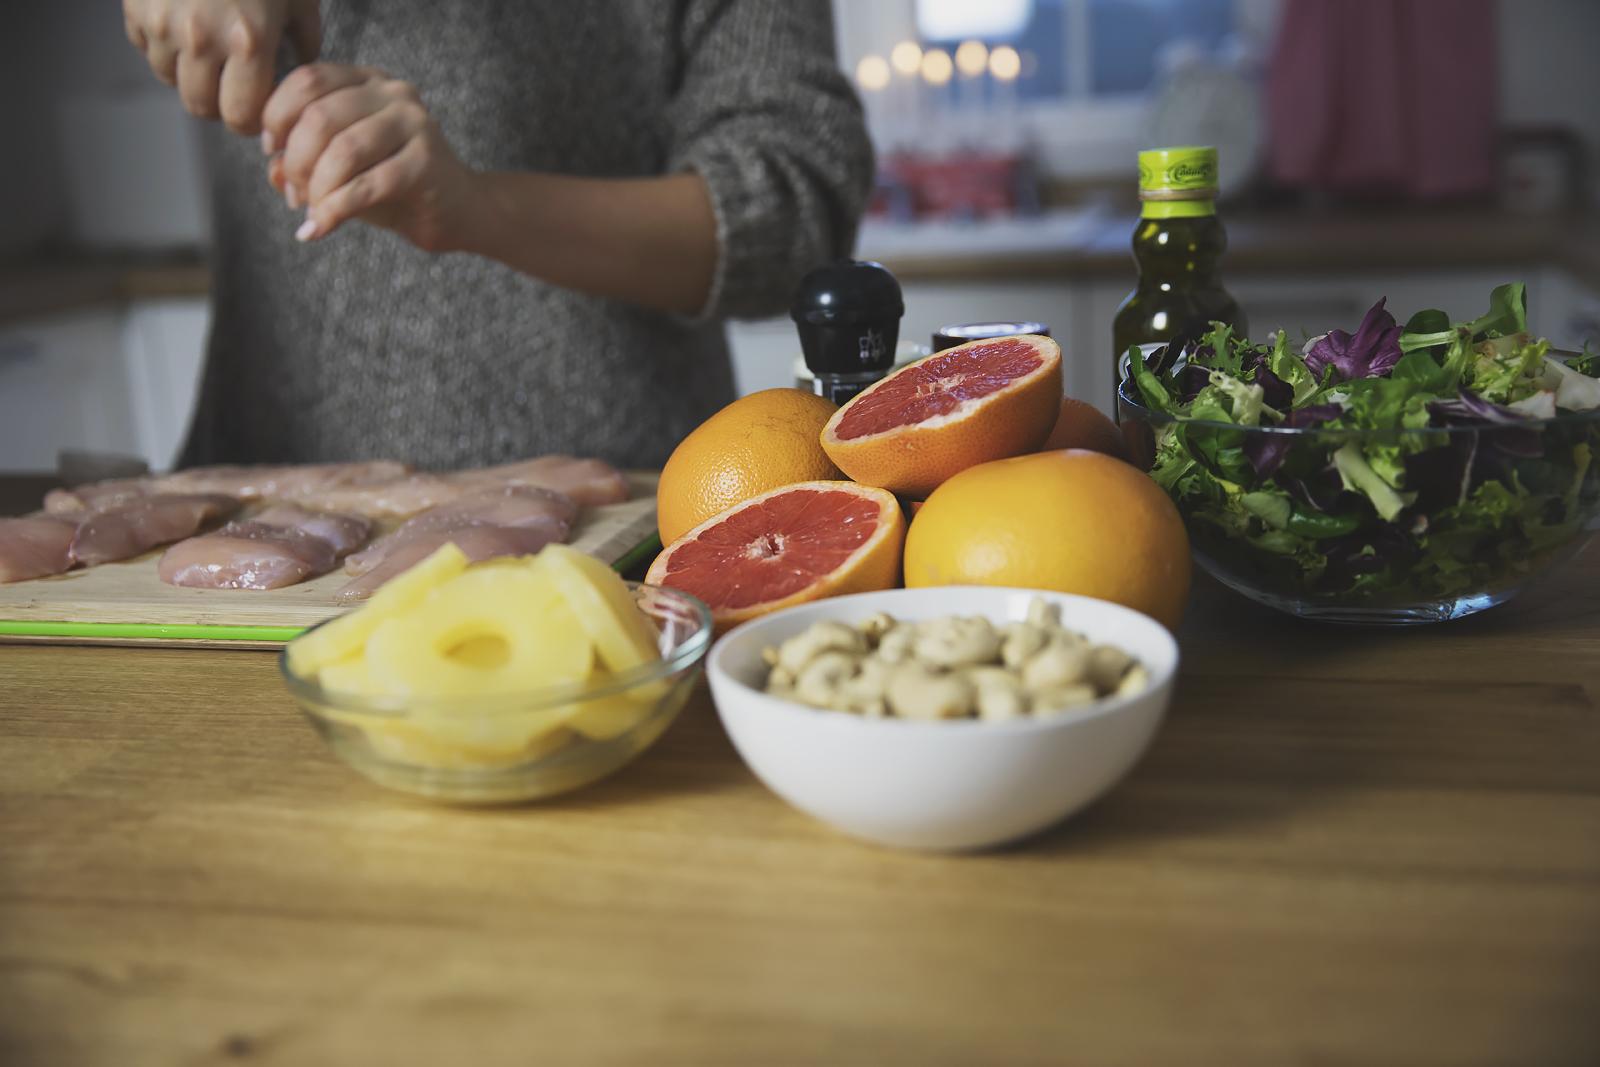 airfryer-salatka-z-kurczakiem-i-grejpfrutem2